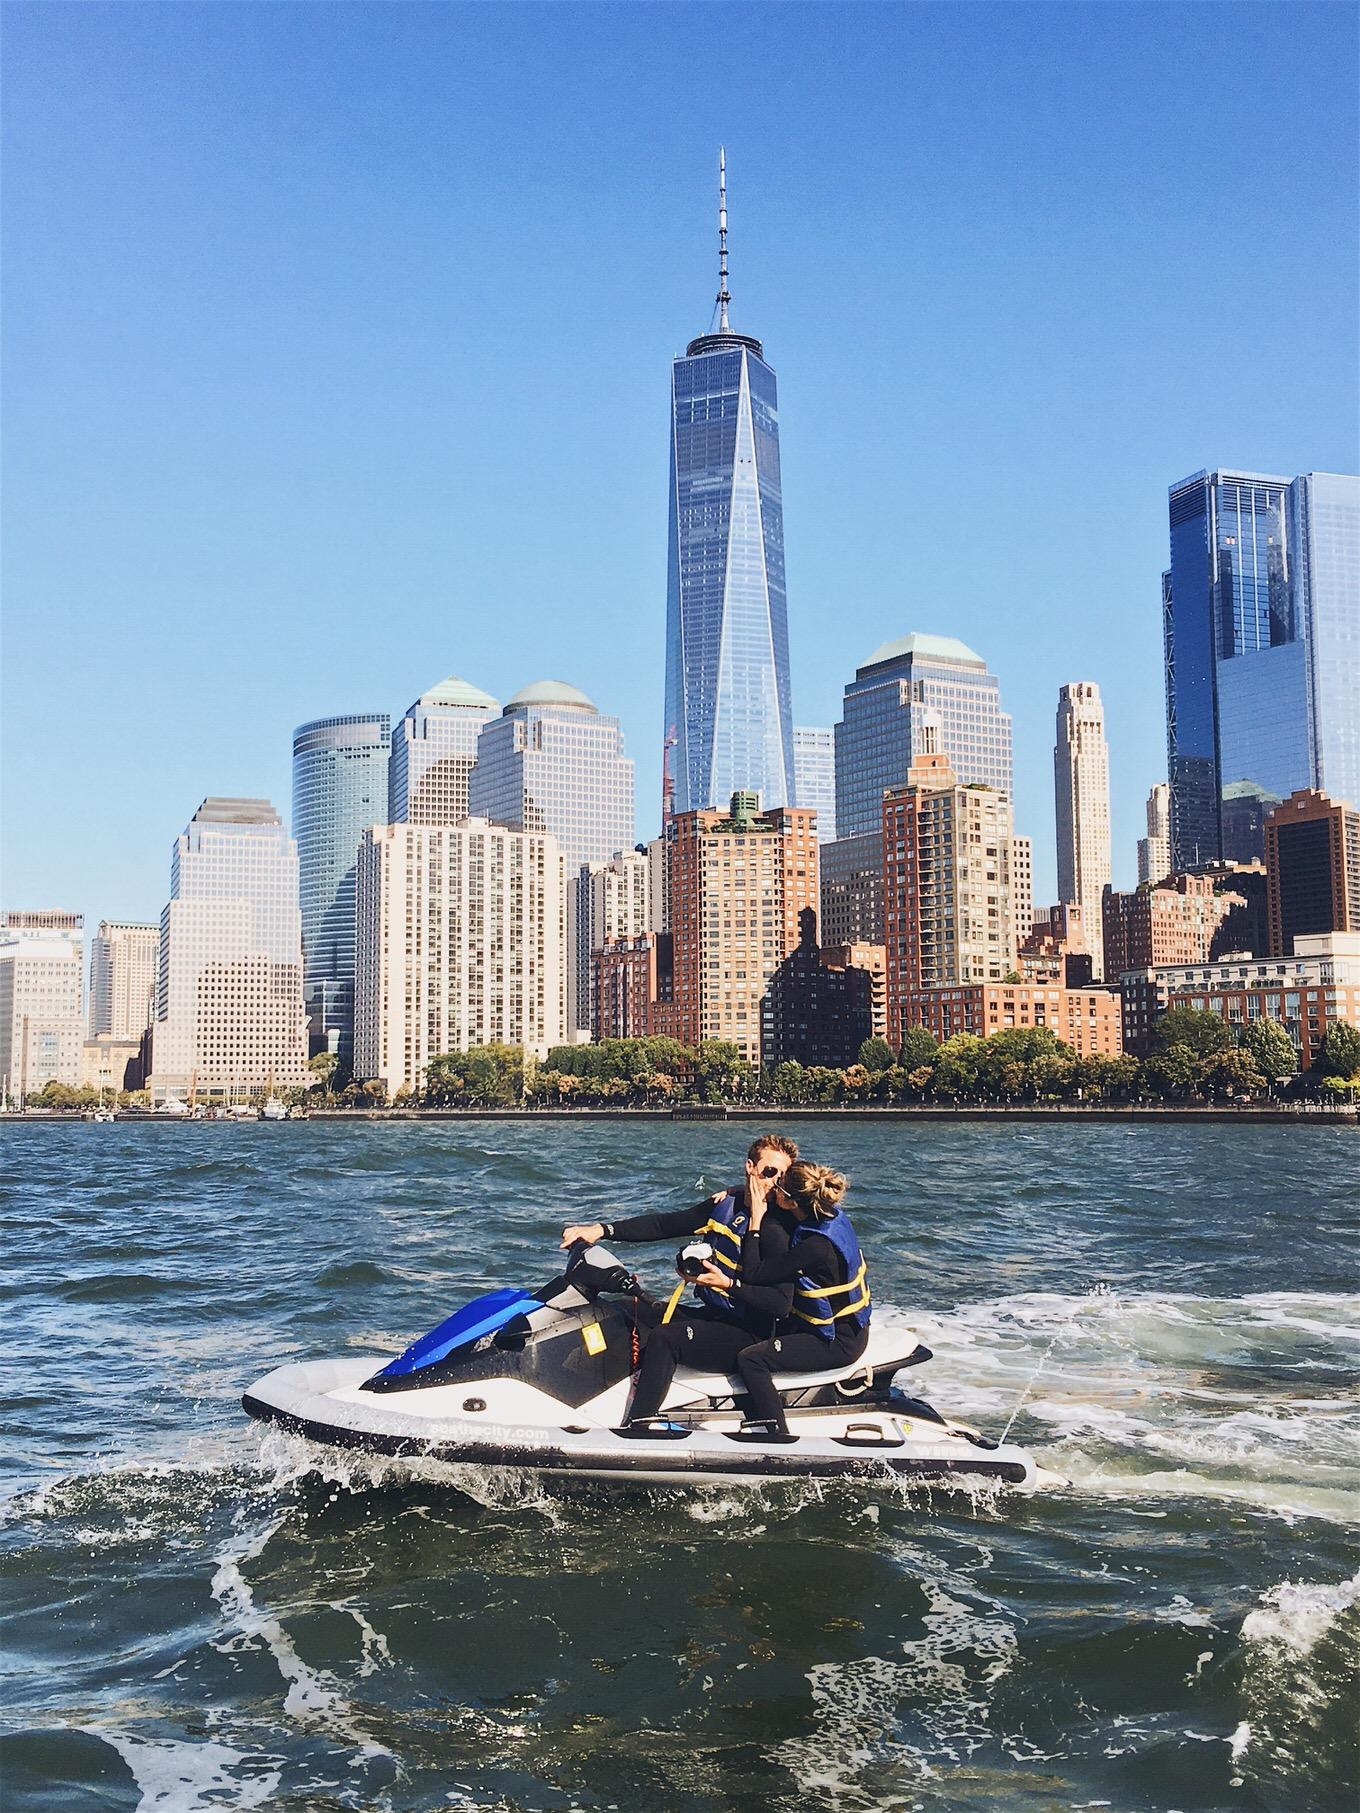 jet ski in NYC